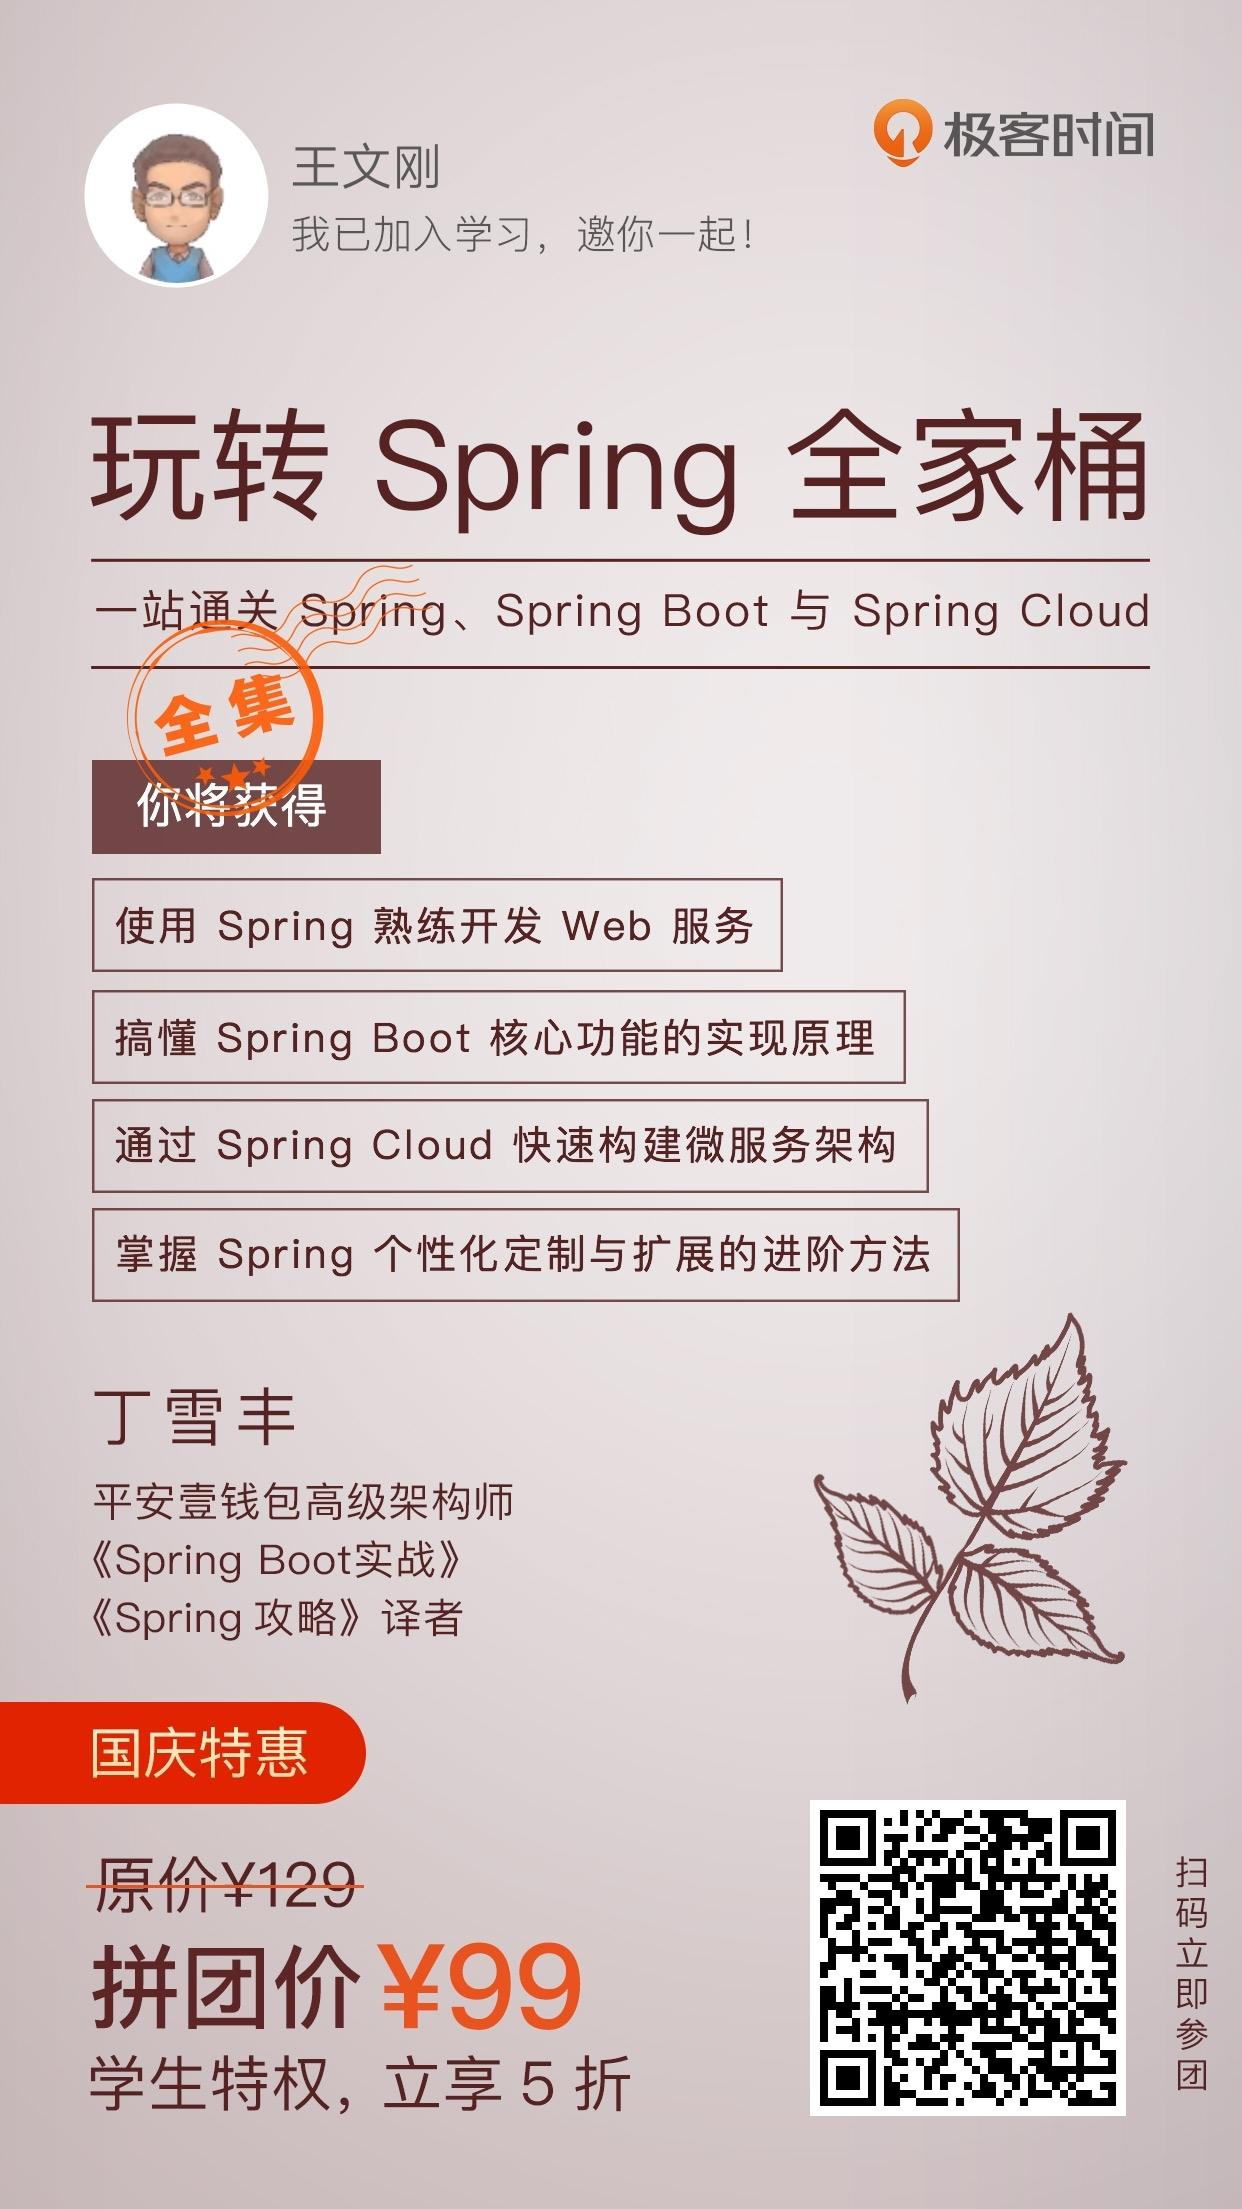 《极客时间》 - 《玩转Java Spring全家桶》 拼团